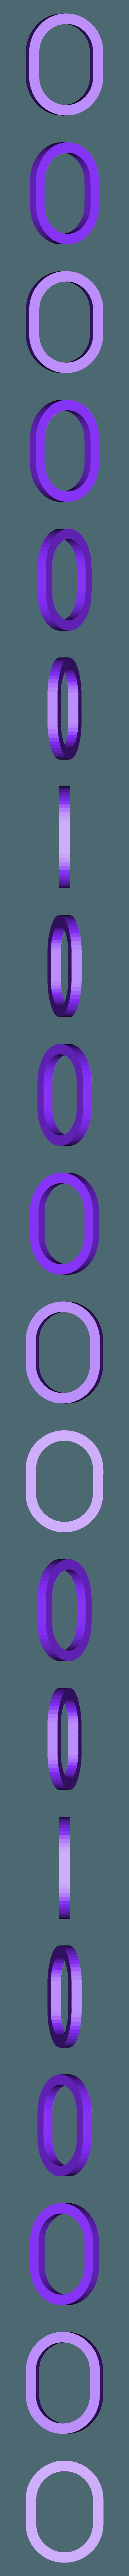 pan_hanger_ring.stl Télécharger fichier STL gratuit Porte-poêles de cuisine • Modèle pour impression 3D, fotorius